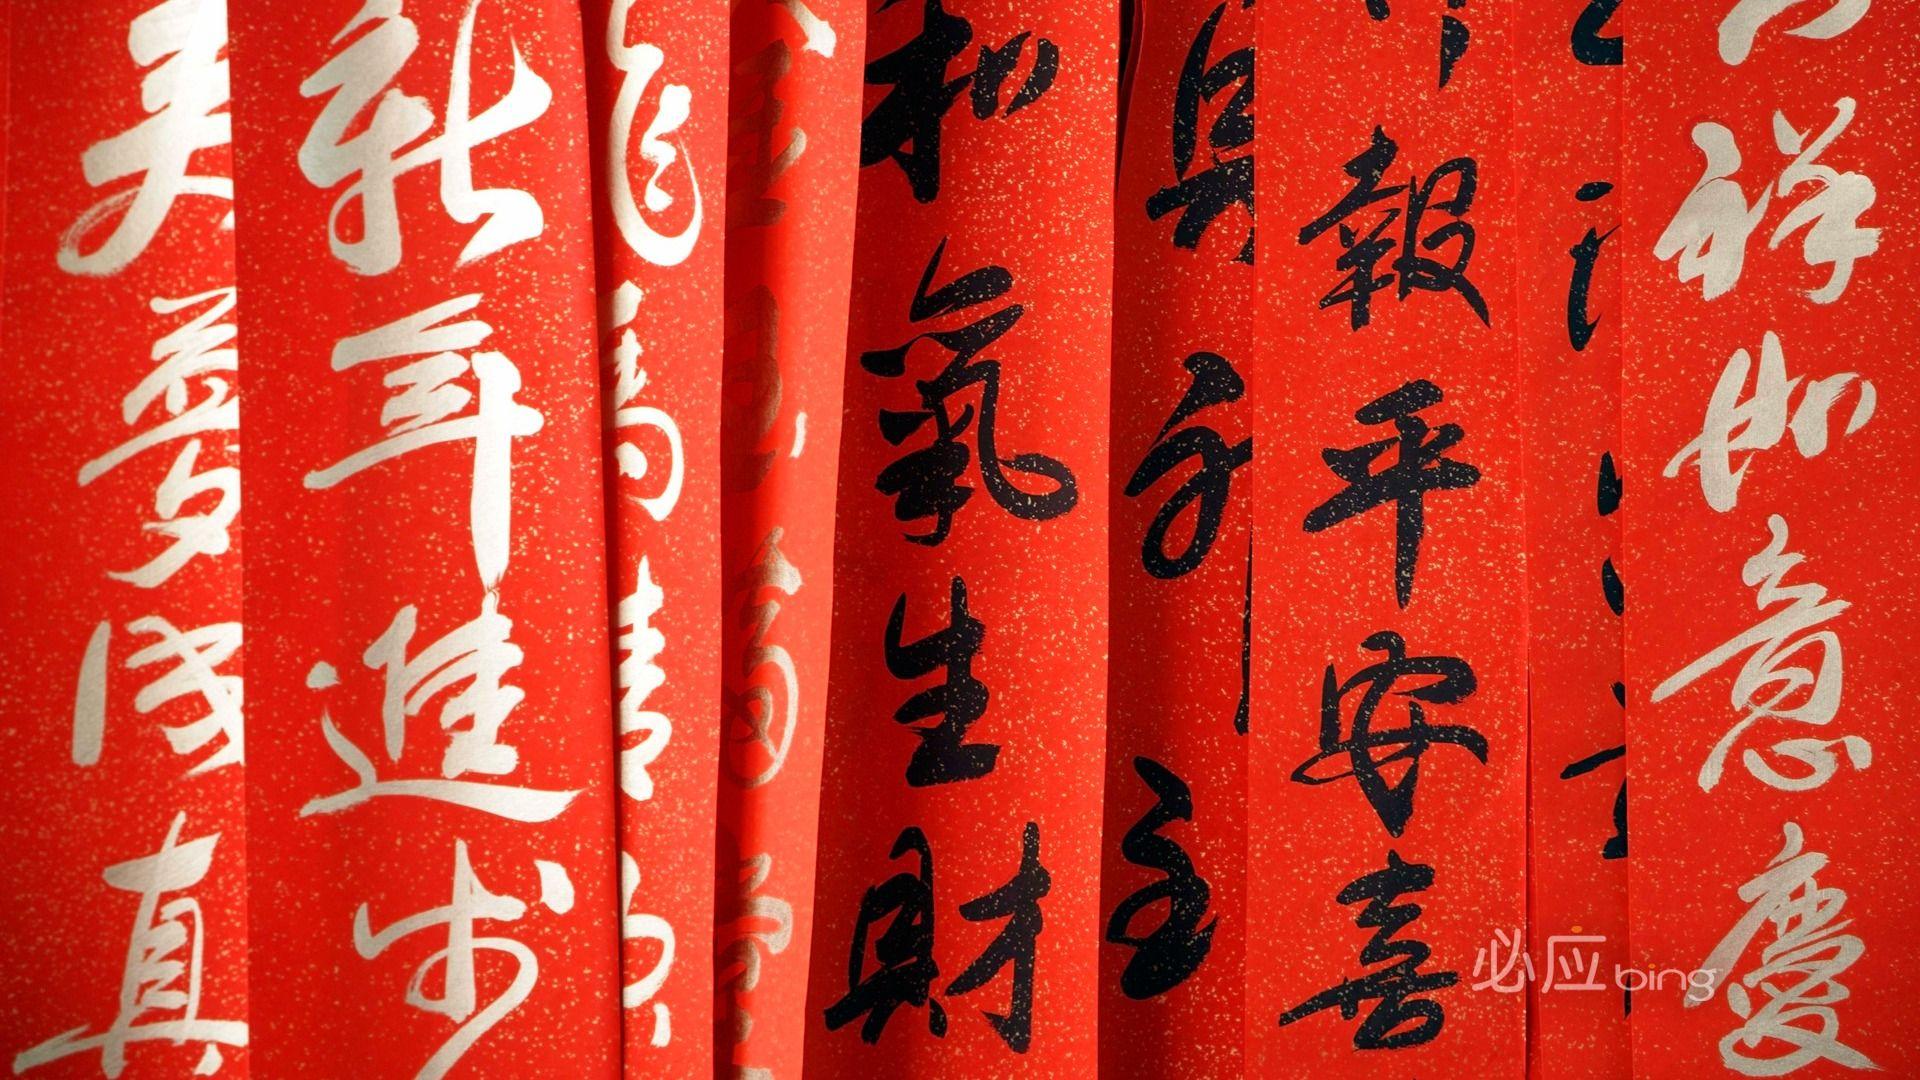 Chinese New Year wallpaper photo